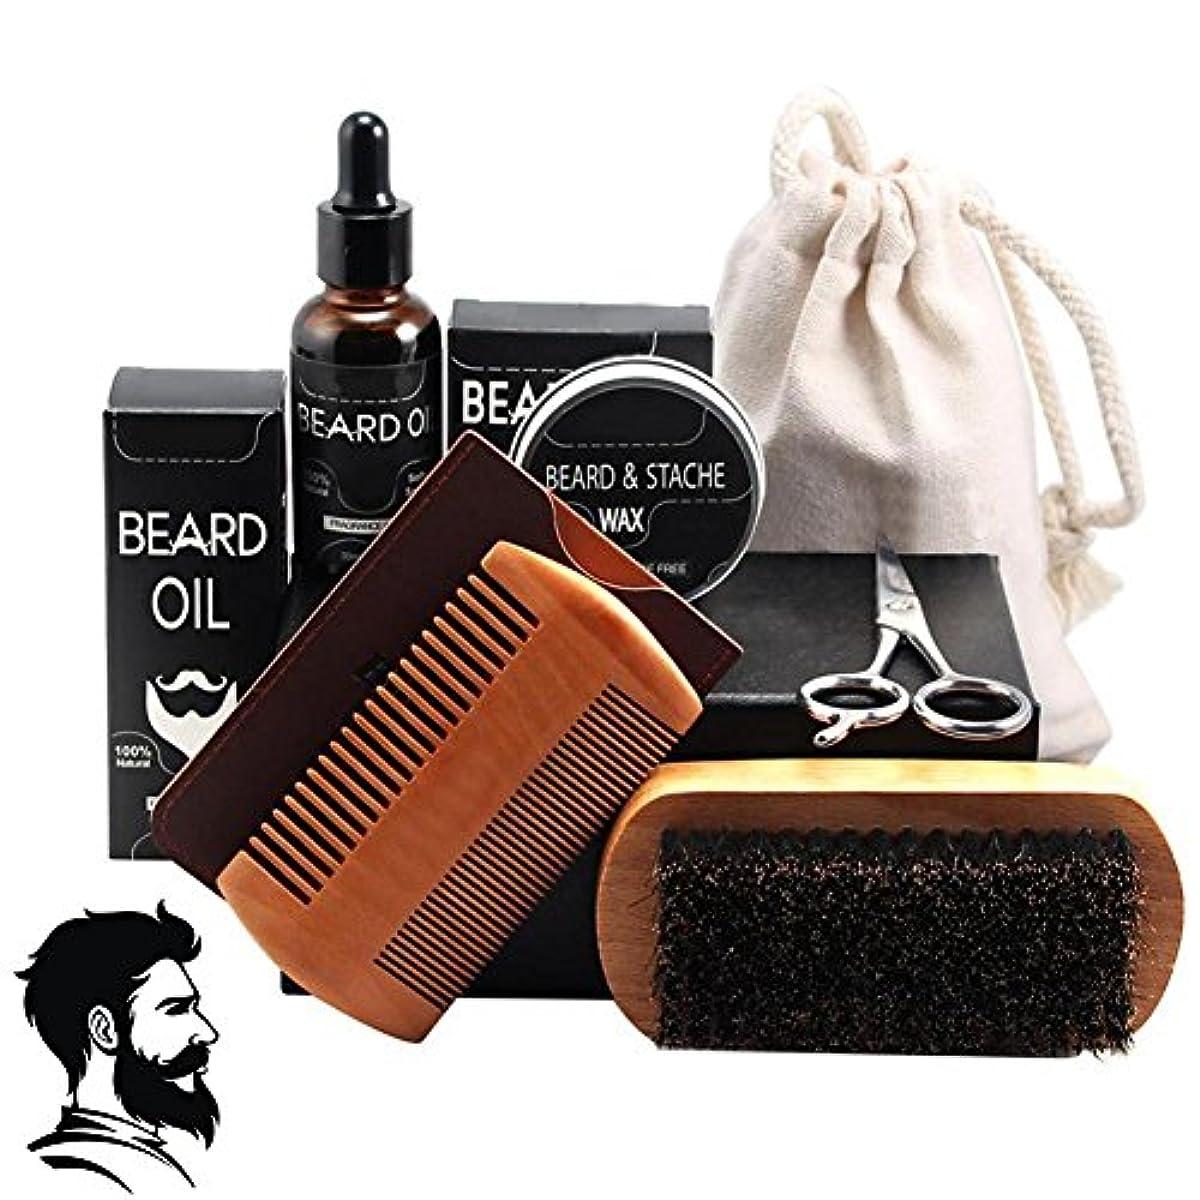 モンゴメリーバタータービンあごひげ油、男性の口ひげフルセットヘアケアツール(ひげワックスくし付き)(7PCSのパック)用シェービングブラシプロフェッショナルフェイシャルトリミングハサミ